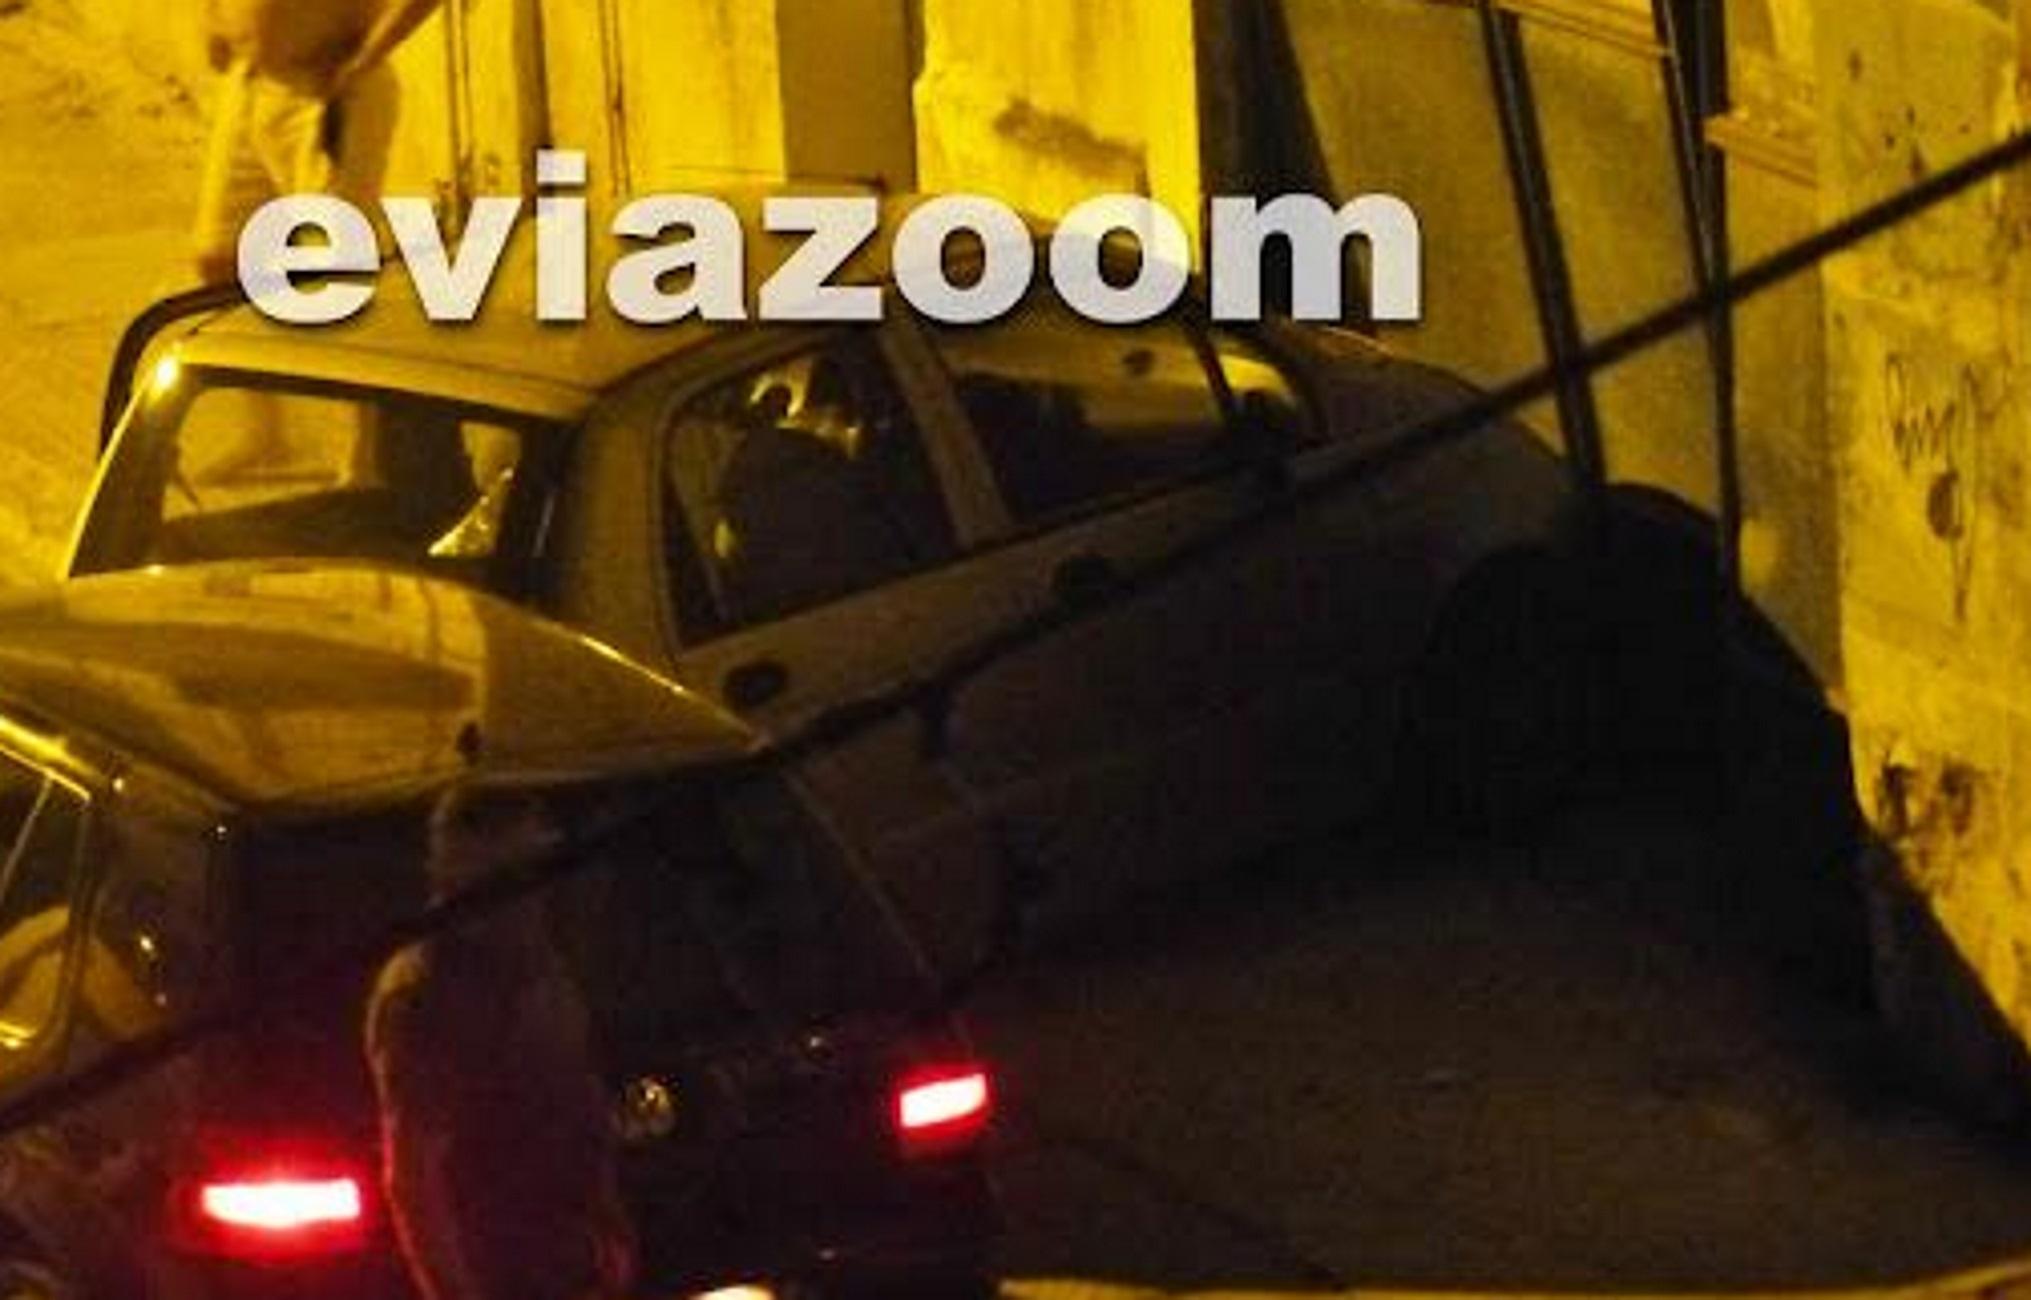 Εύβοια: Χτύπησε αυτοκίνητο και το έστειλε μέσα σε επιχείρηση – Η εξήγηση και οι εικόνες του τροχαίου